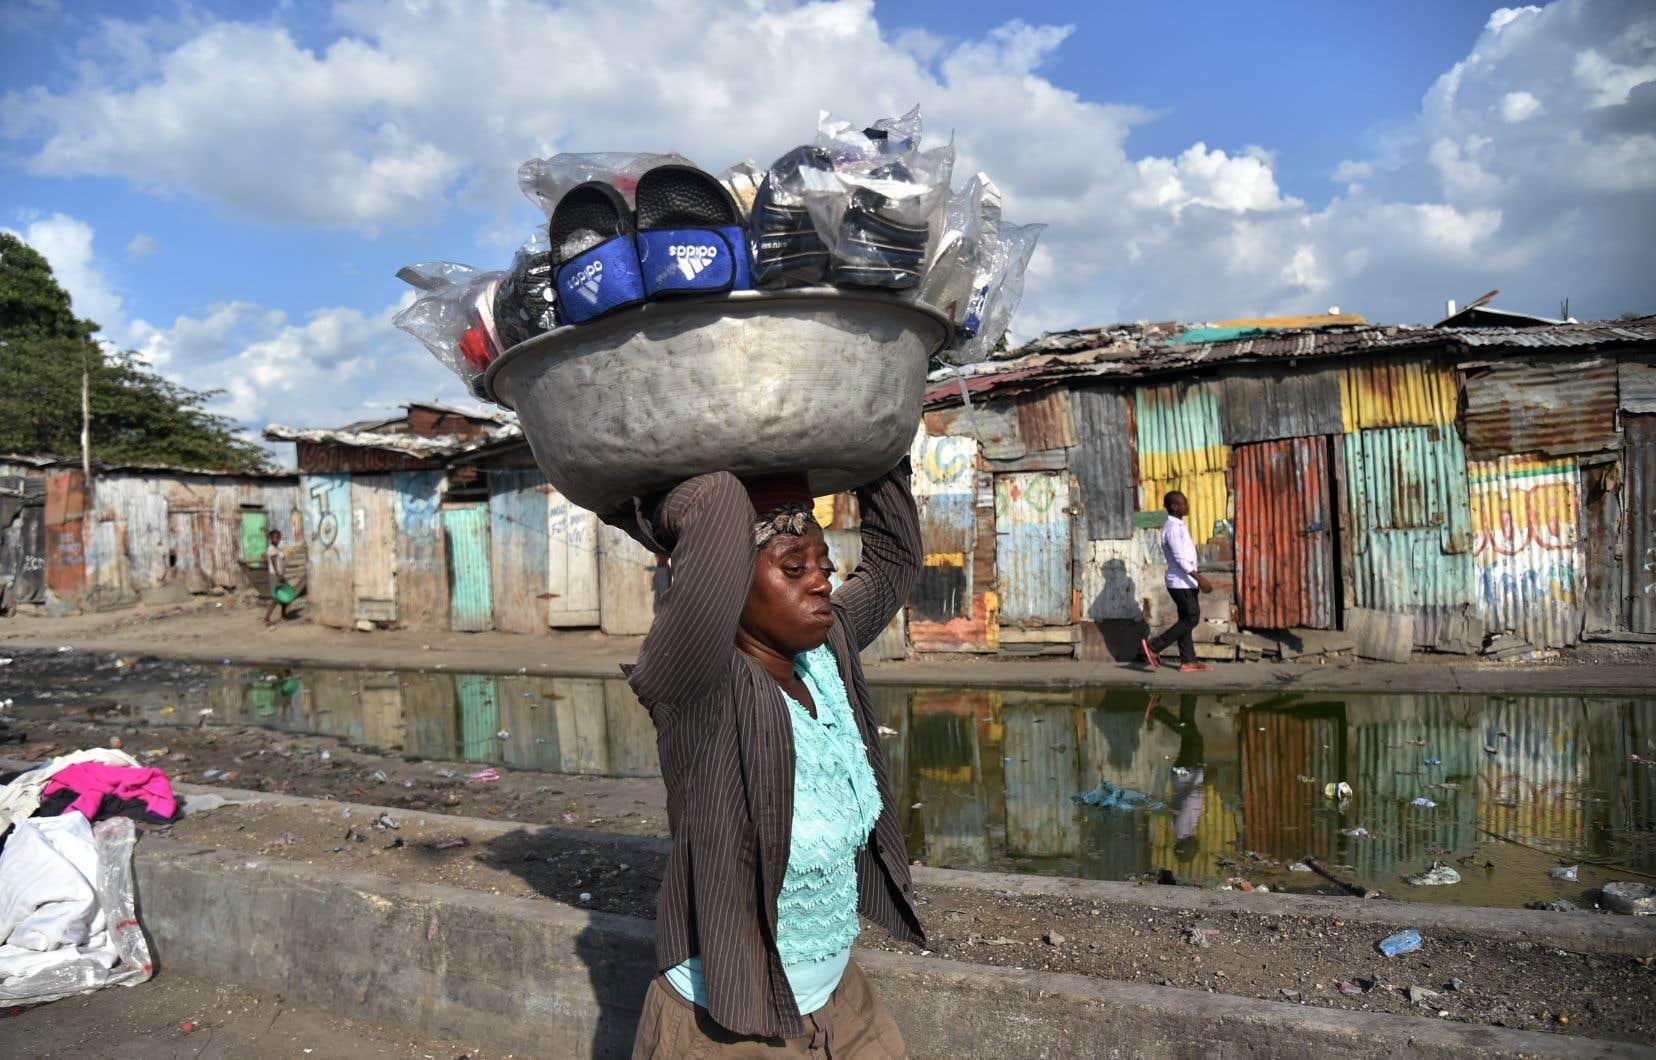 L'aggravation de la pauvreté en Haïti engendre des tensions sociales qui freinent tout investissement privé, ce qui nuit au climat des affaires dans le pays.